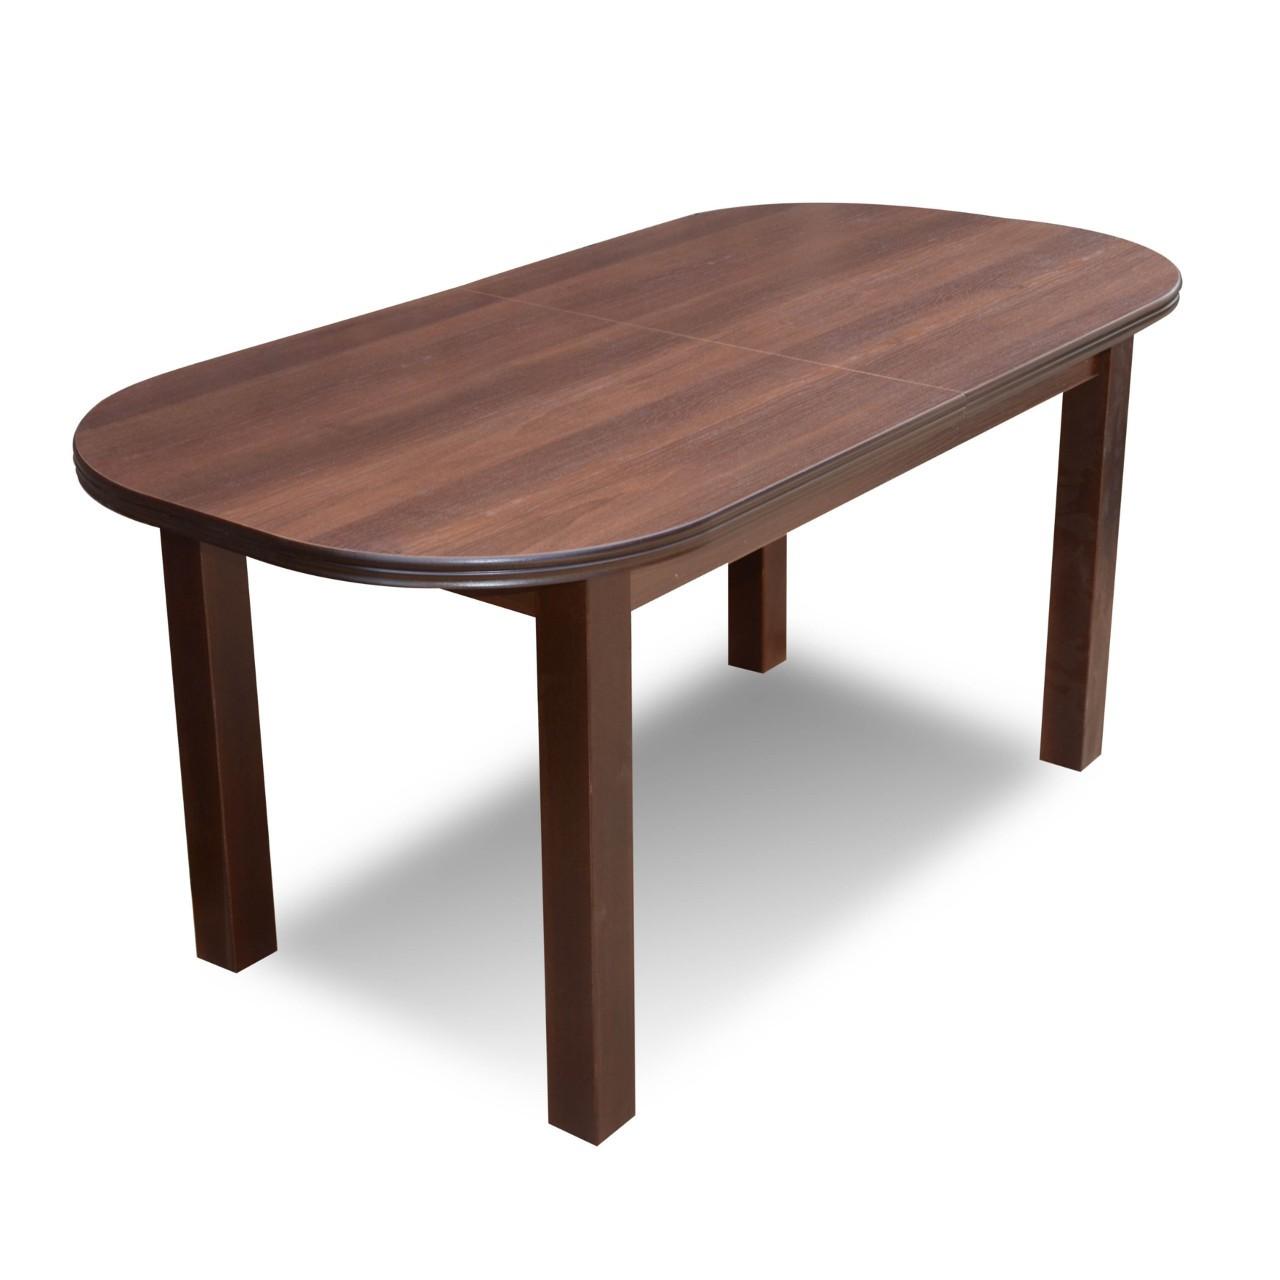 Stół SM17 funkcjonalny rozkładany wiele kolorów oraz rozmiarów